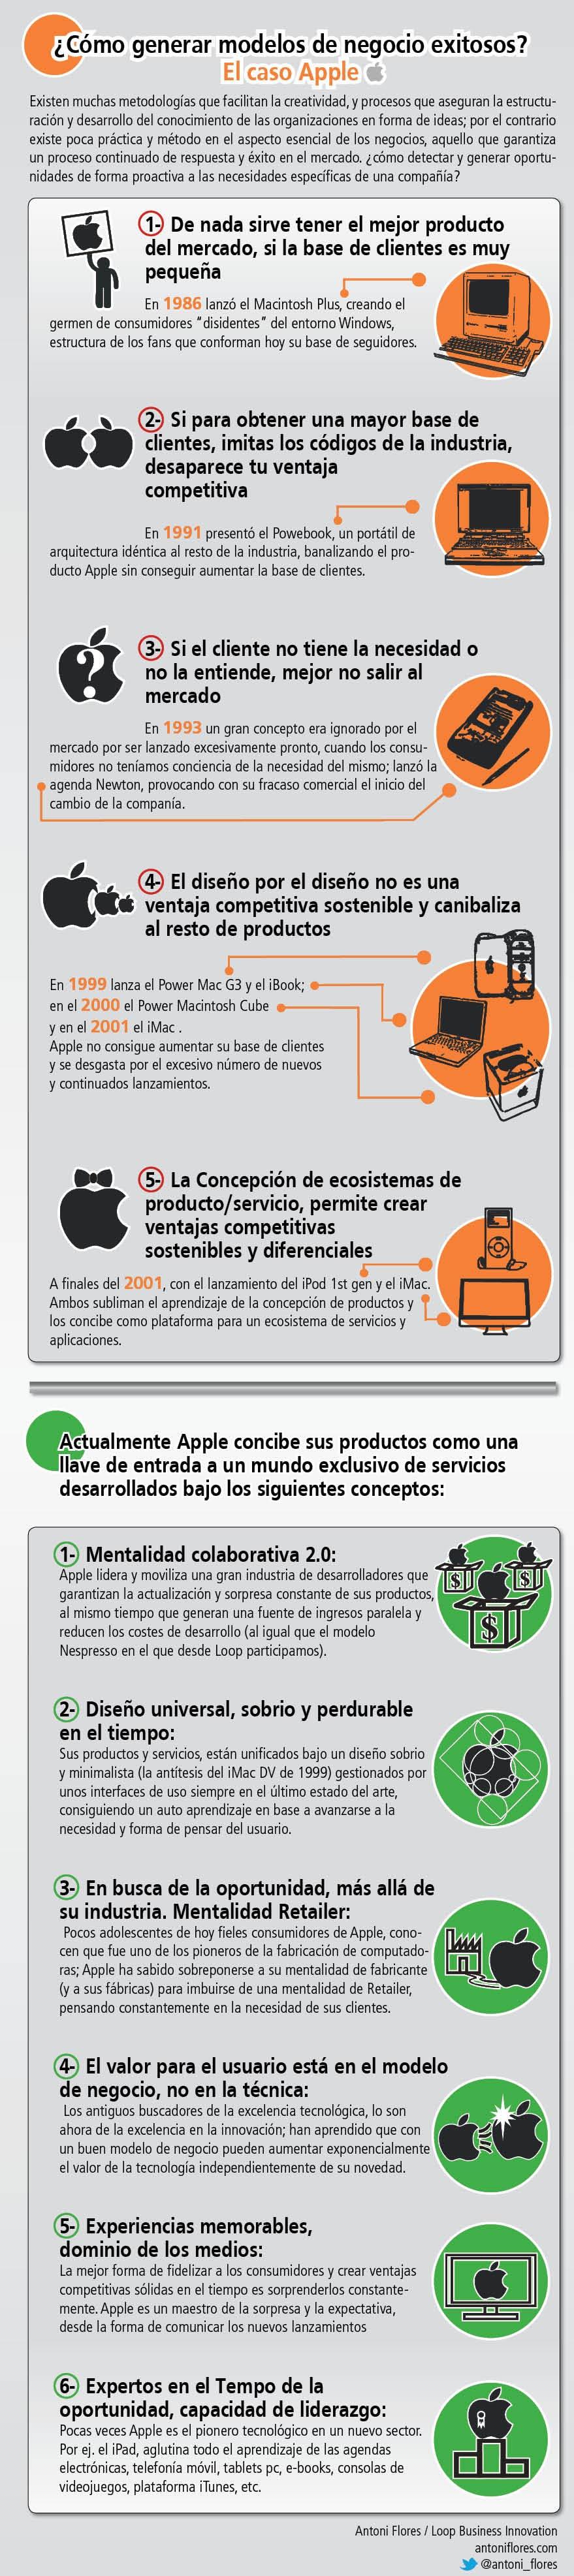 modelo de negocio exitoso caso Apple